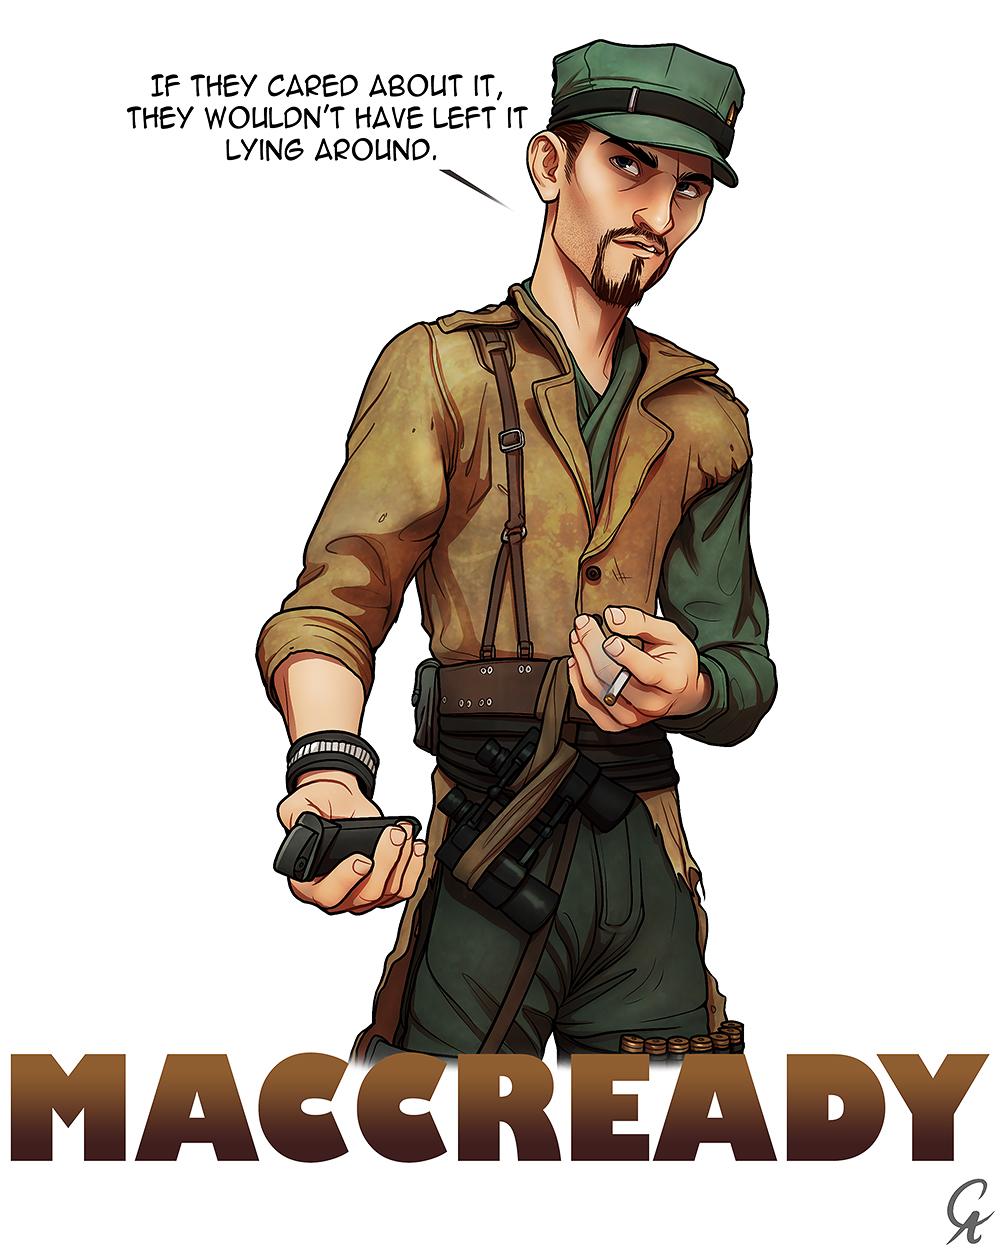 Maccready